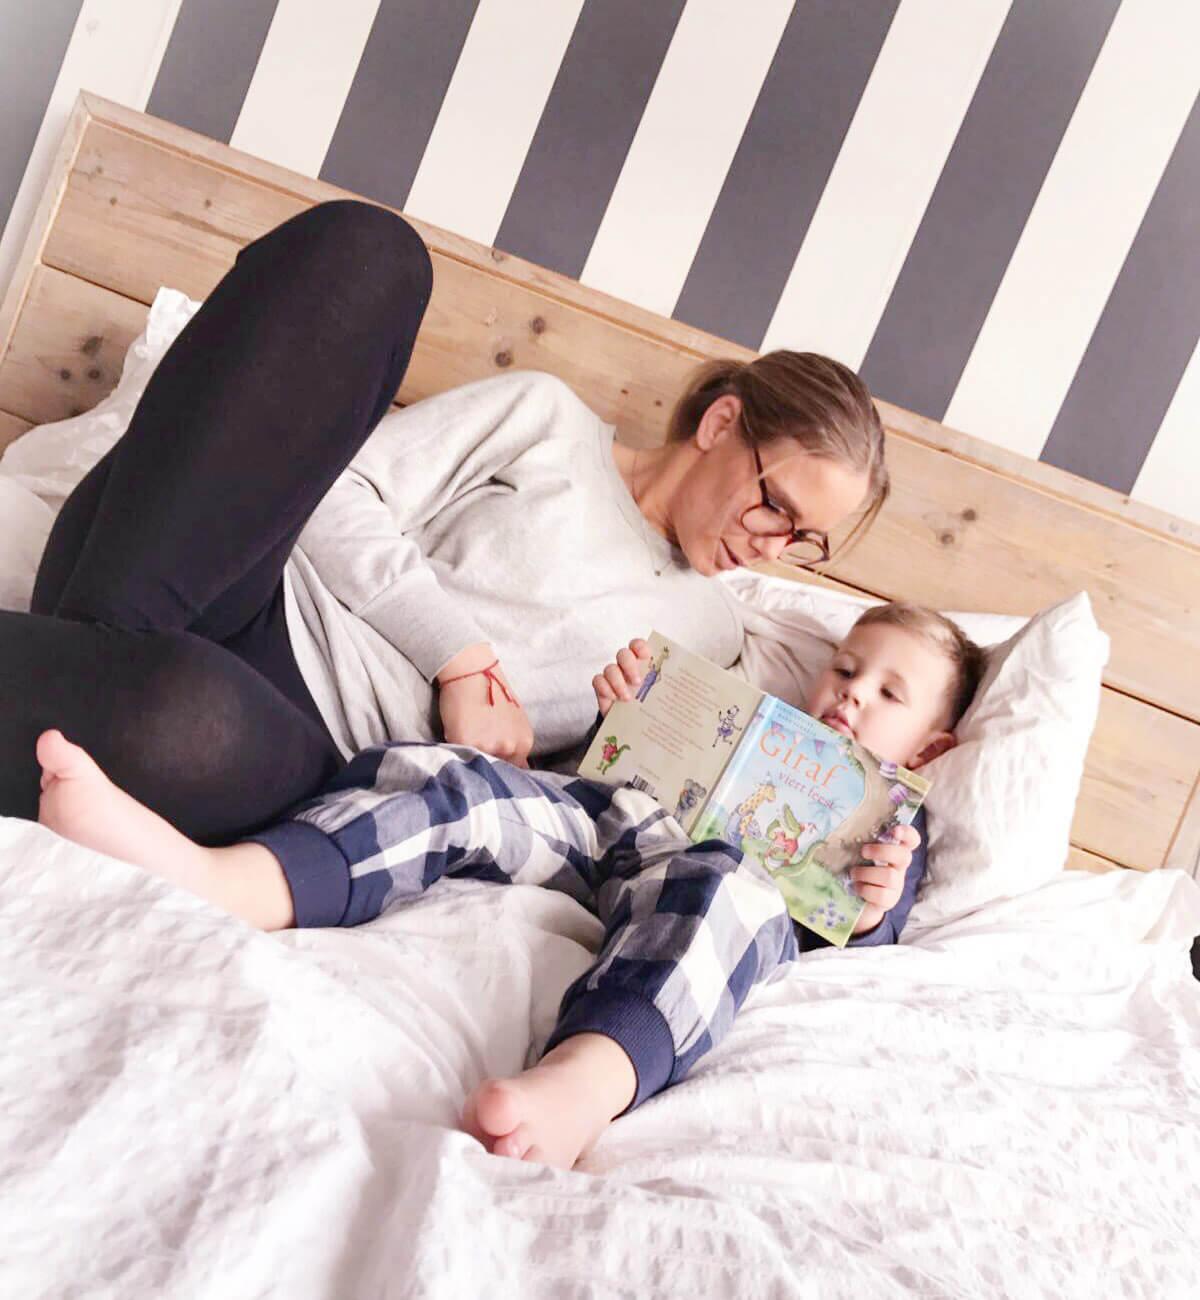 voorlees moeder ligt op bed met haar zoon en leest voor uit Giraf viert feest, reviews prentenboeken, kinderboeken